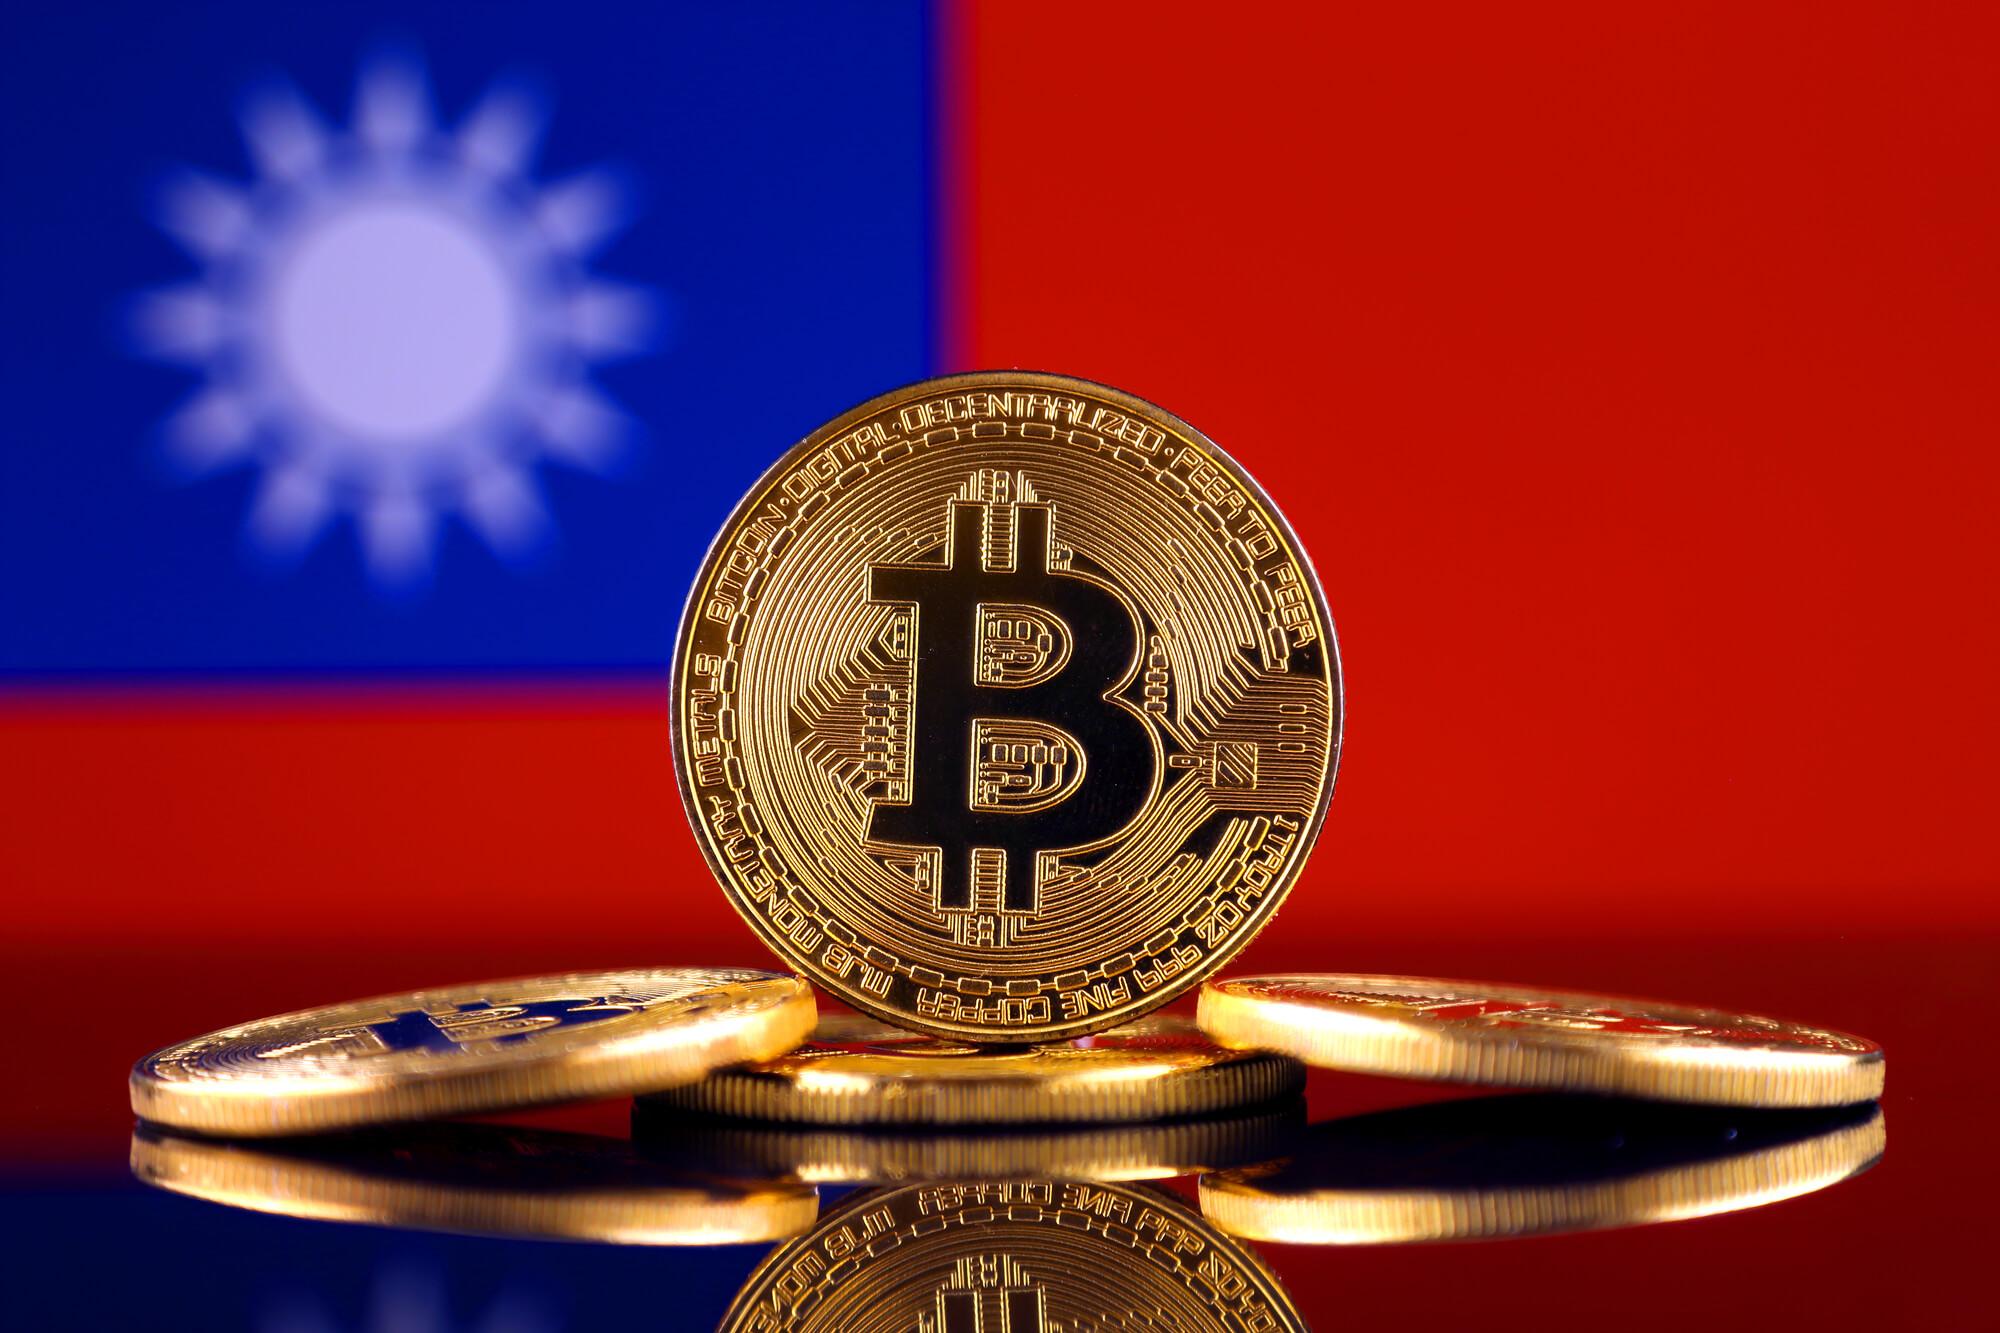 加密貨幣納入洗錢防制規範:台灣交易所合規競賽開打